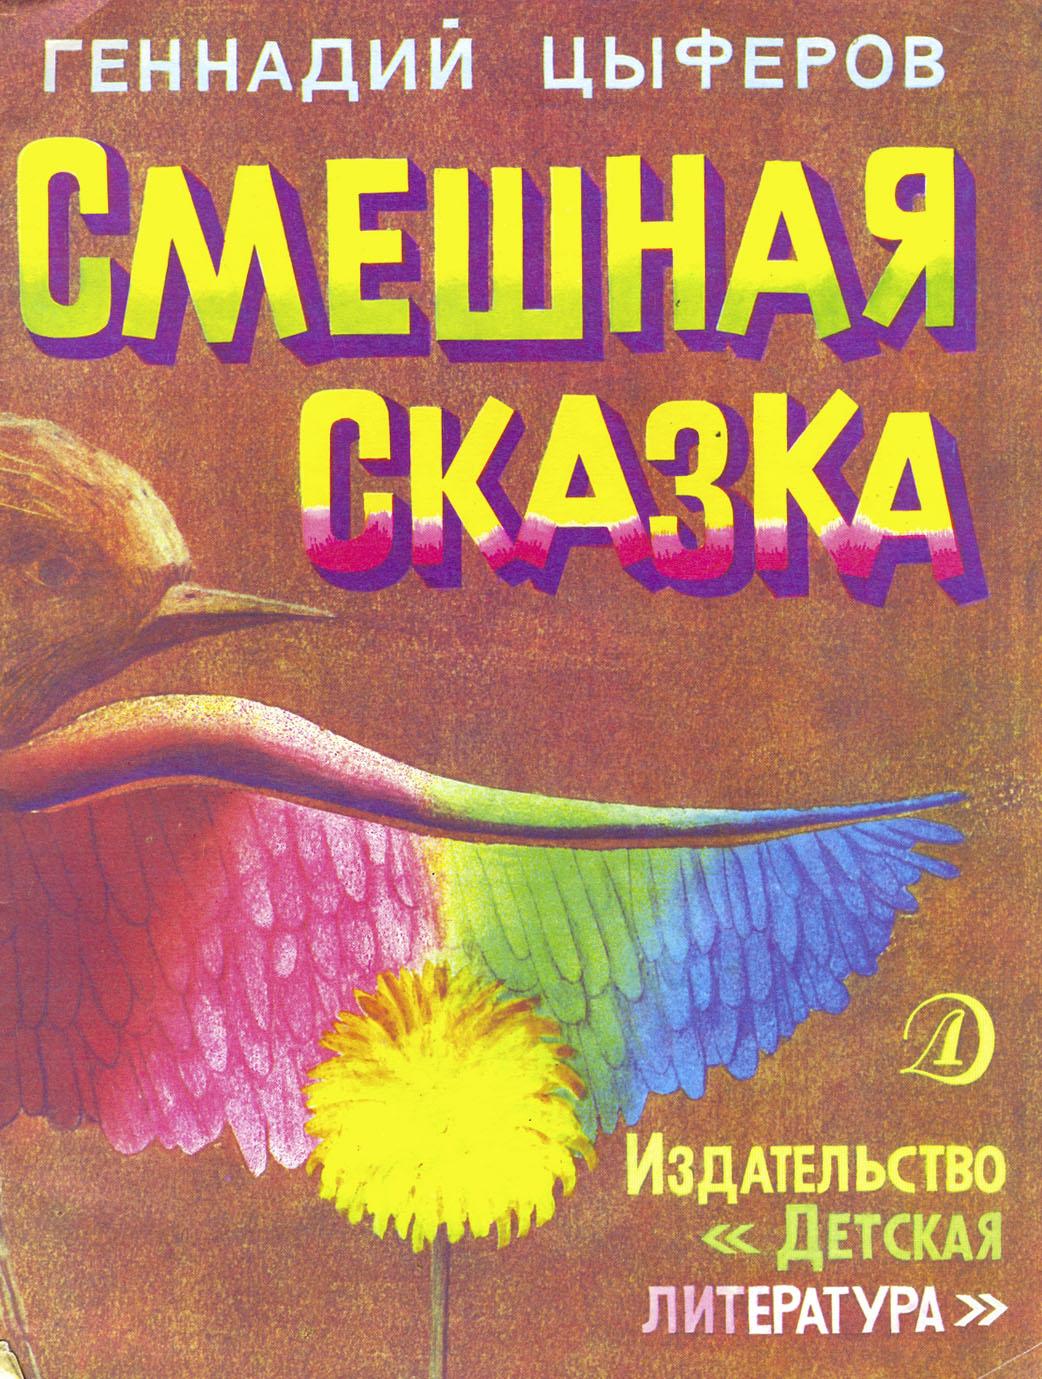 всей смешная сказка цыферов читать с картинками это, есть Черноморском